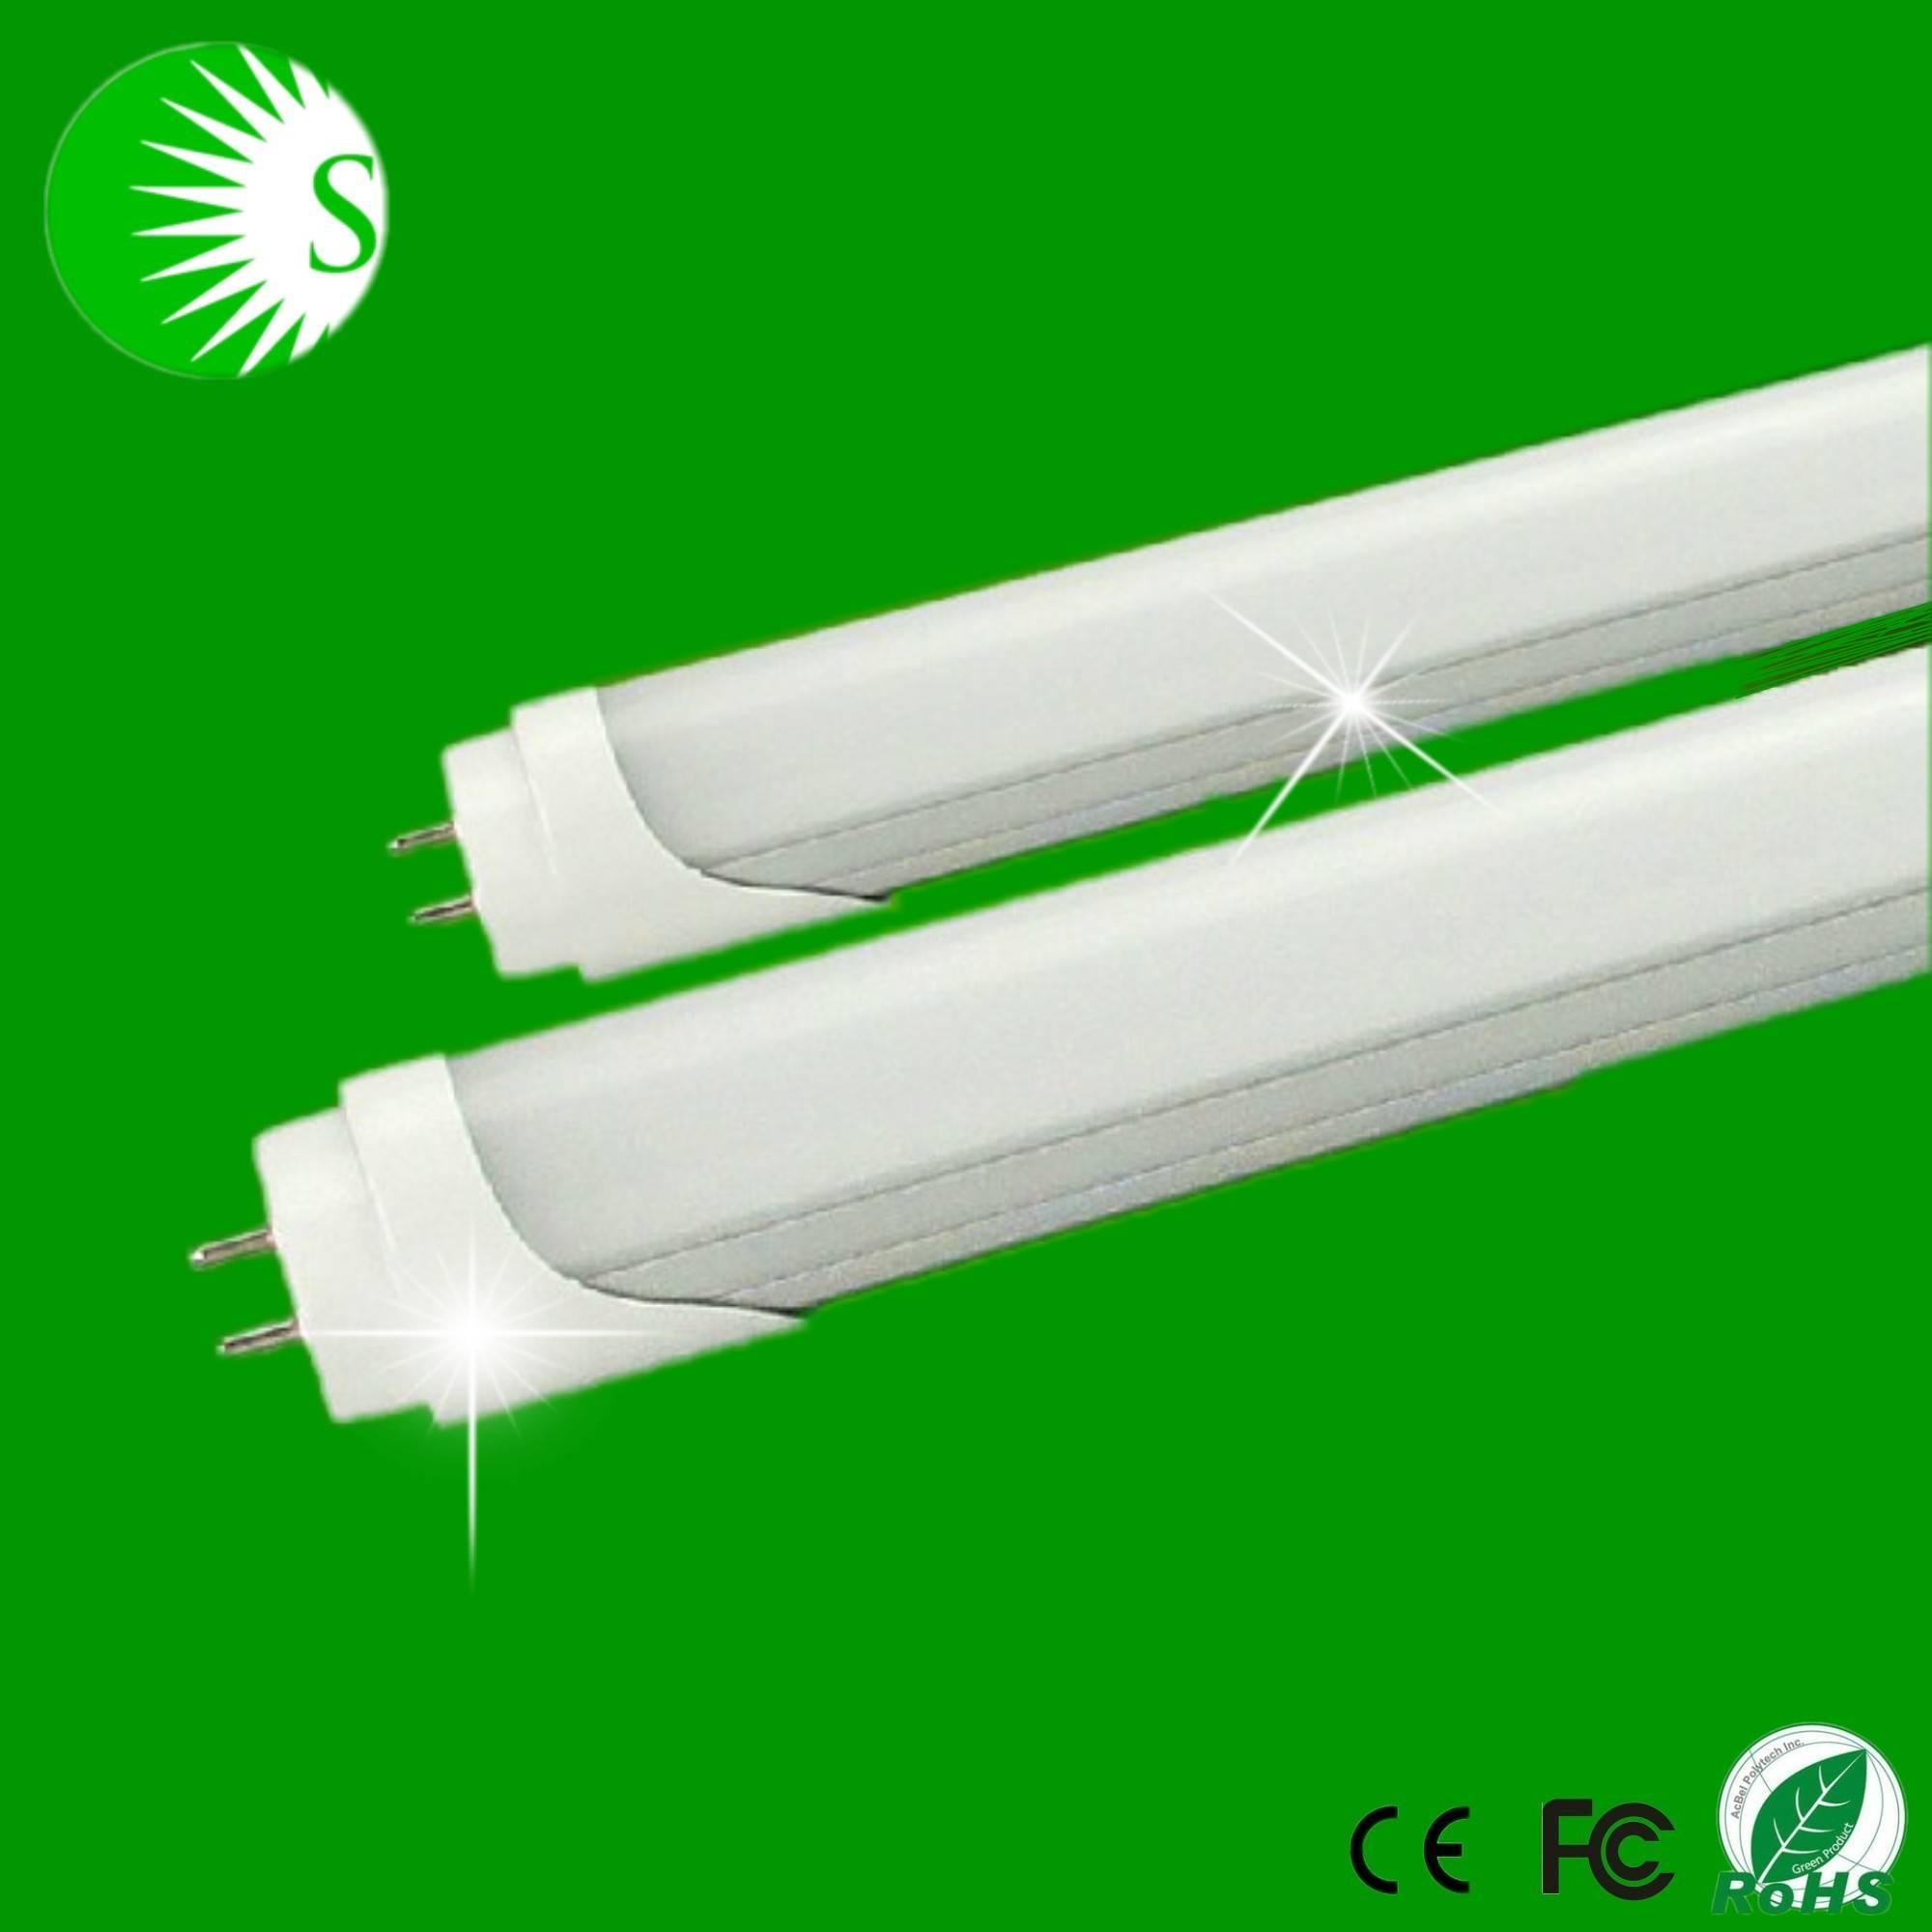 Epistar 2835 led chip light wide voltage 85-265v led video zoo tube 18w